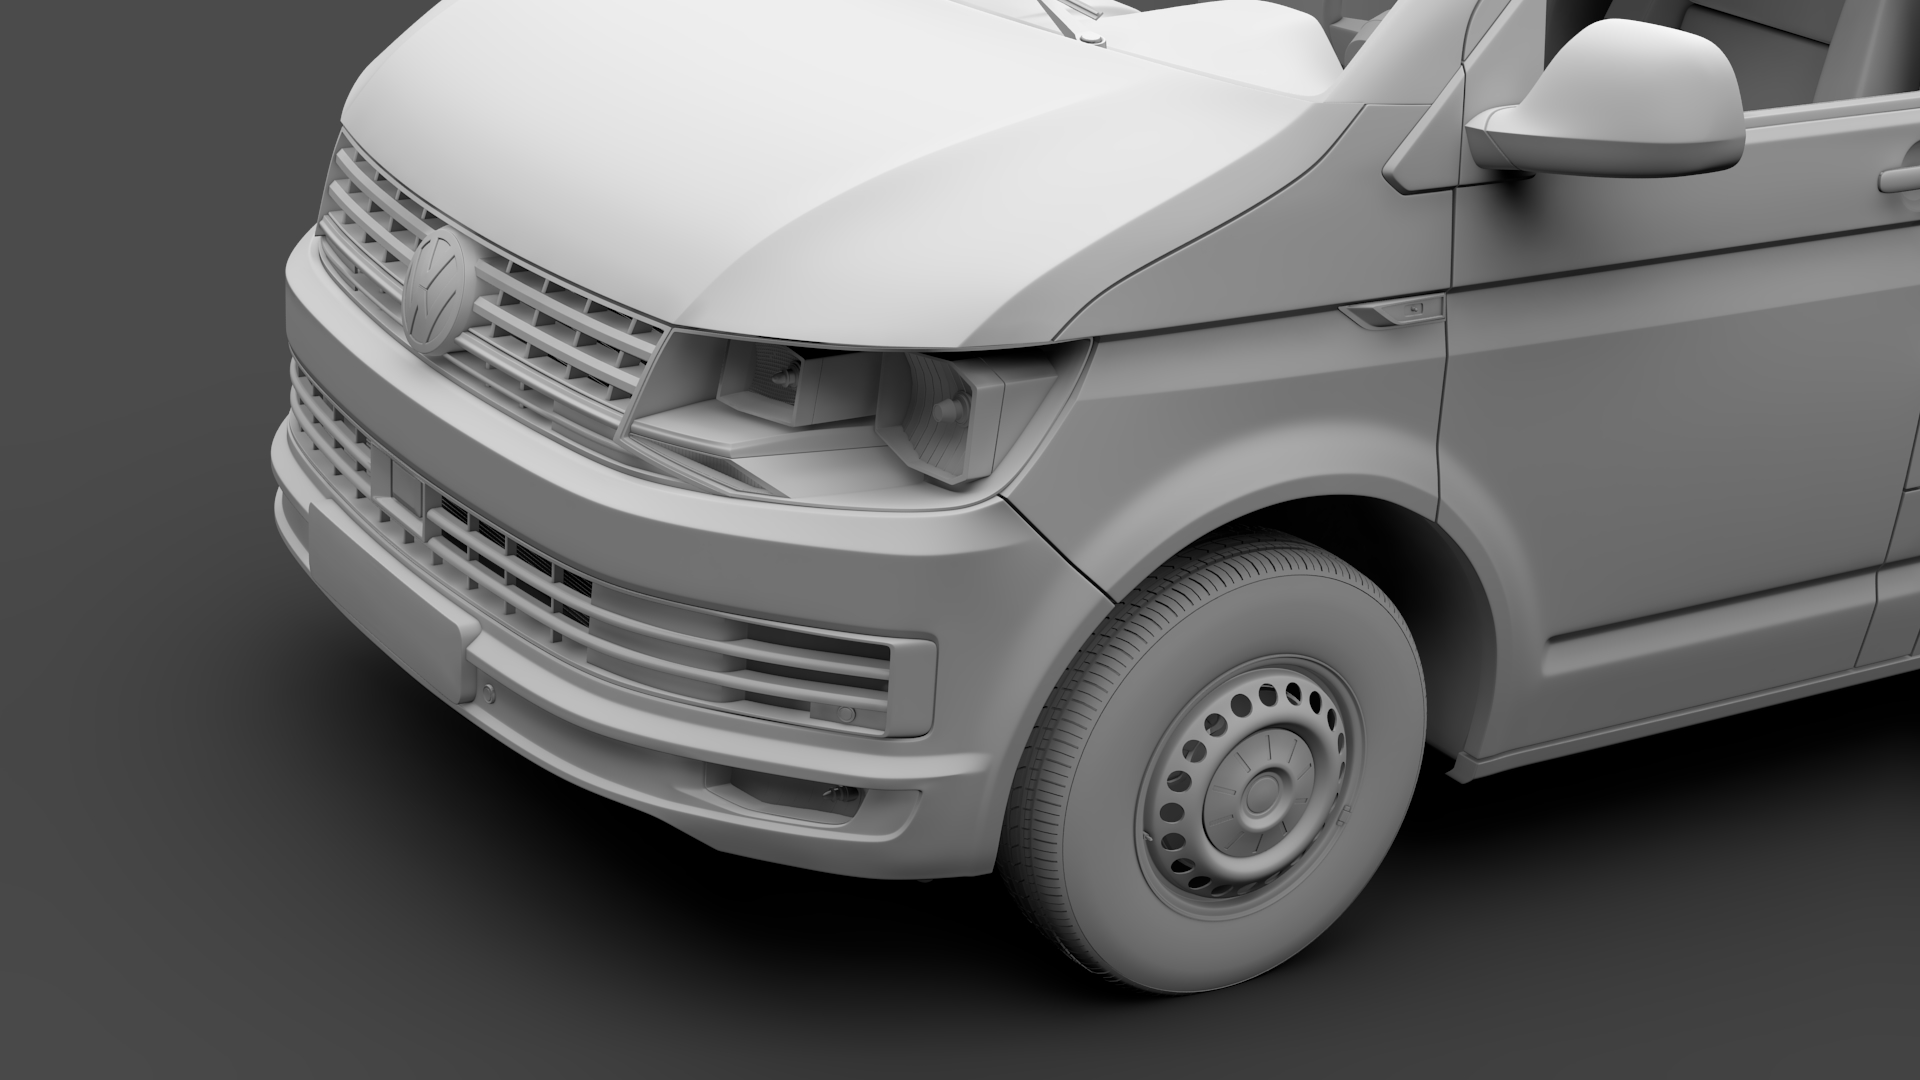 volkswagen transporter van l1h1 t6 2017 3d model fbx c4d lwo ma mb hrc xsi obj 275132